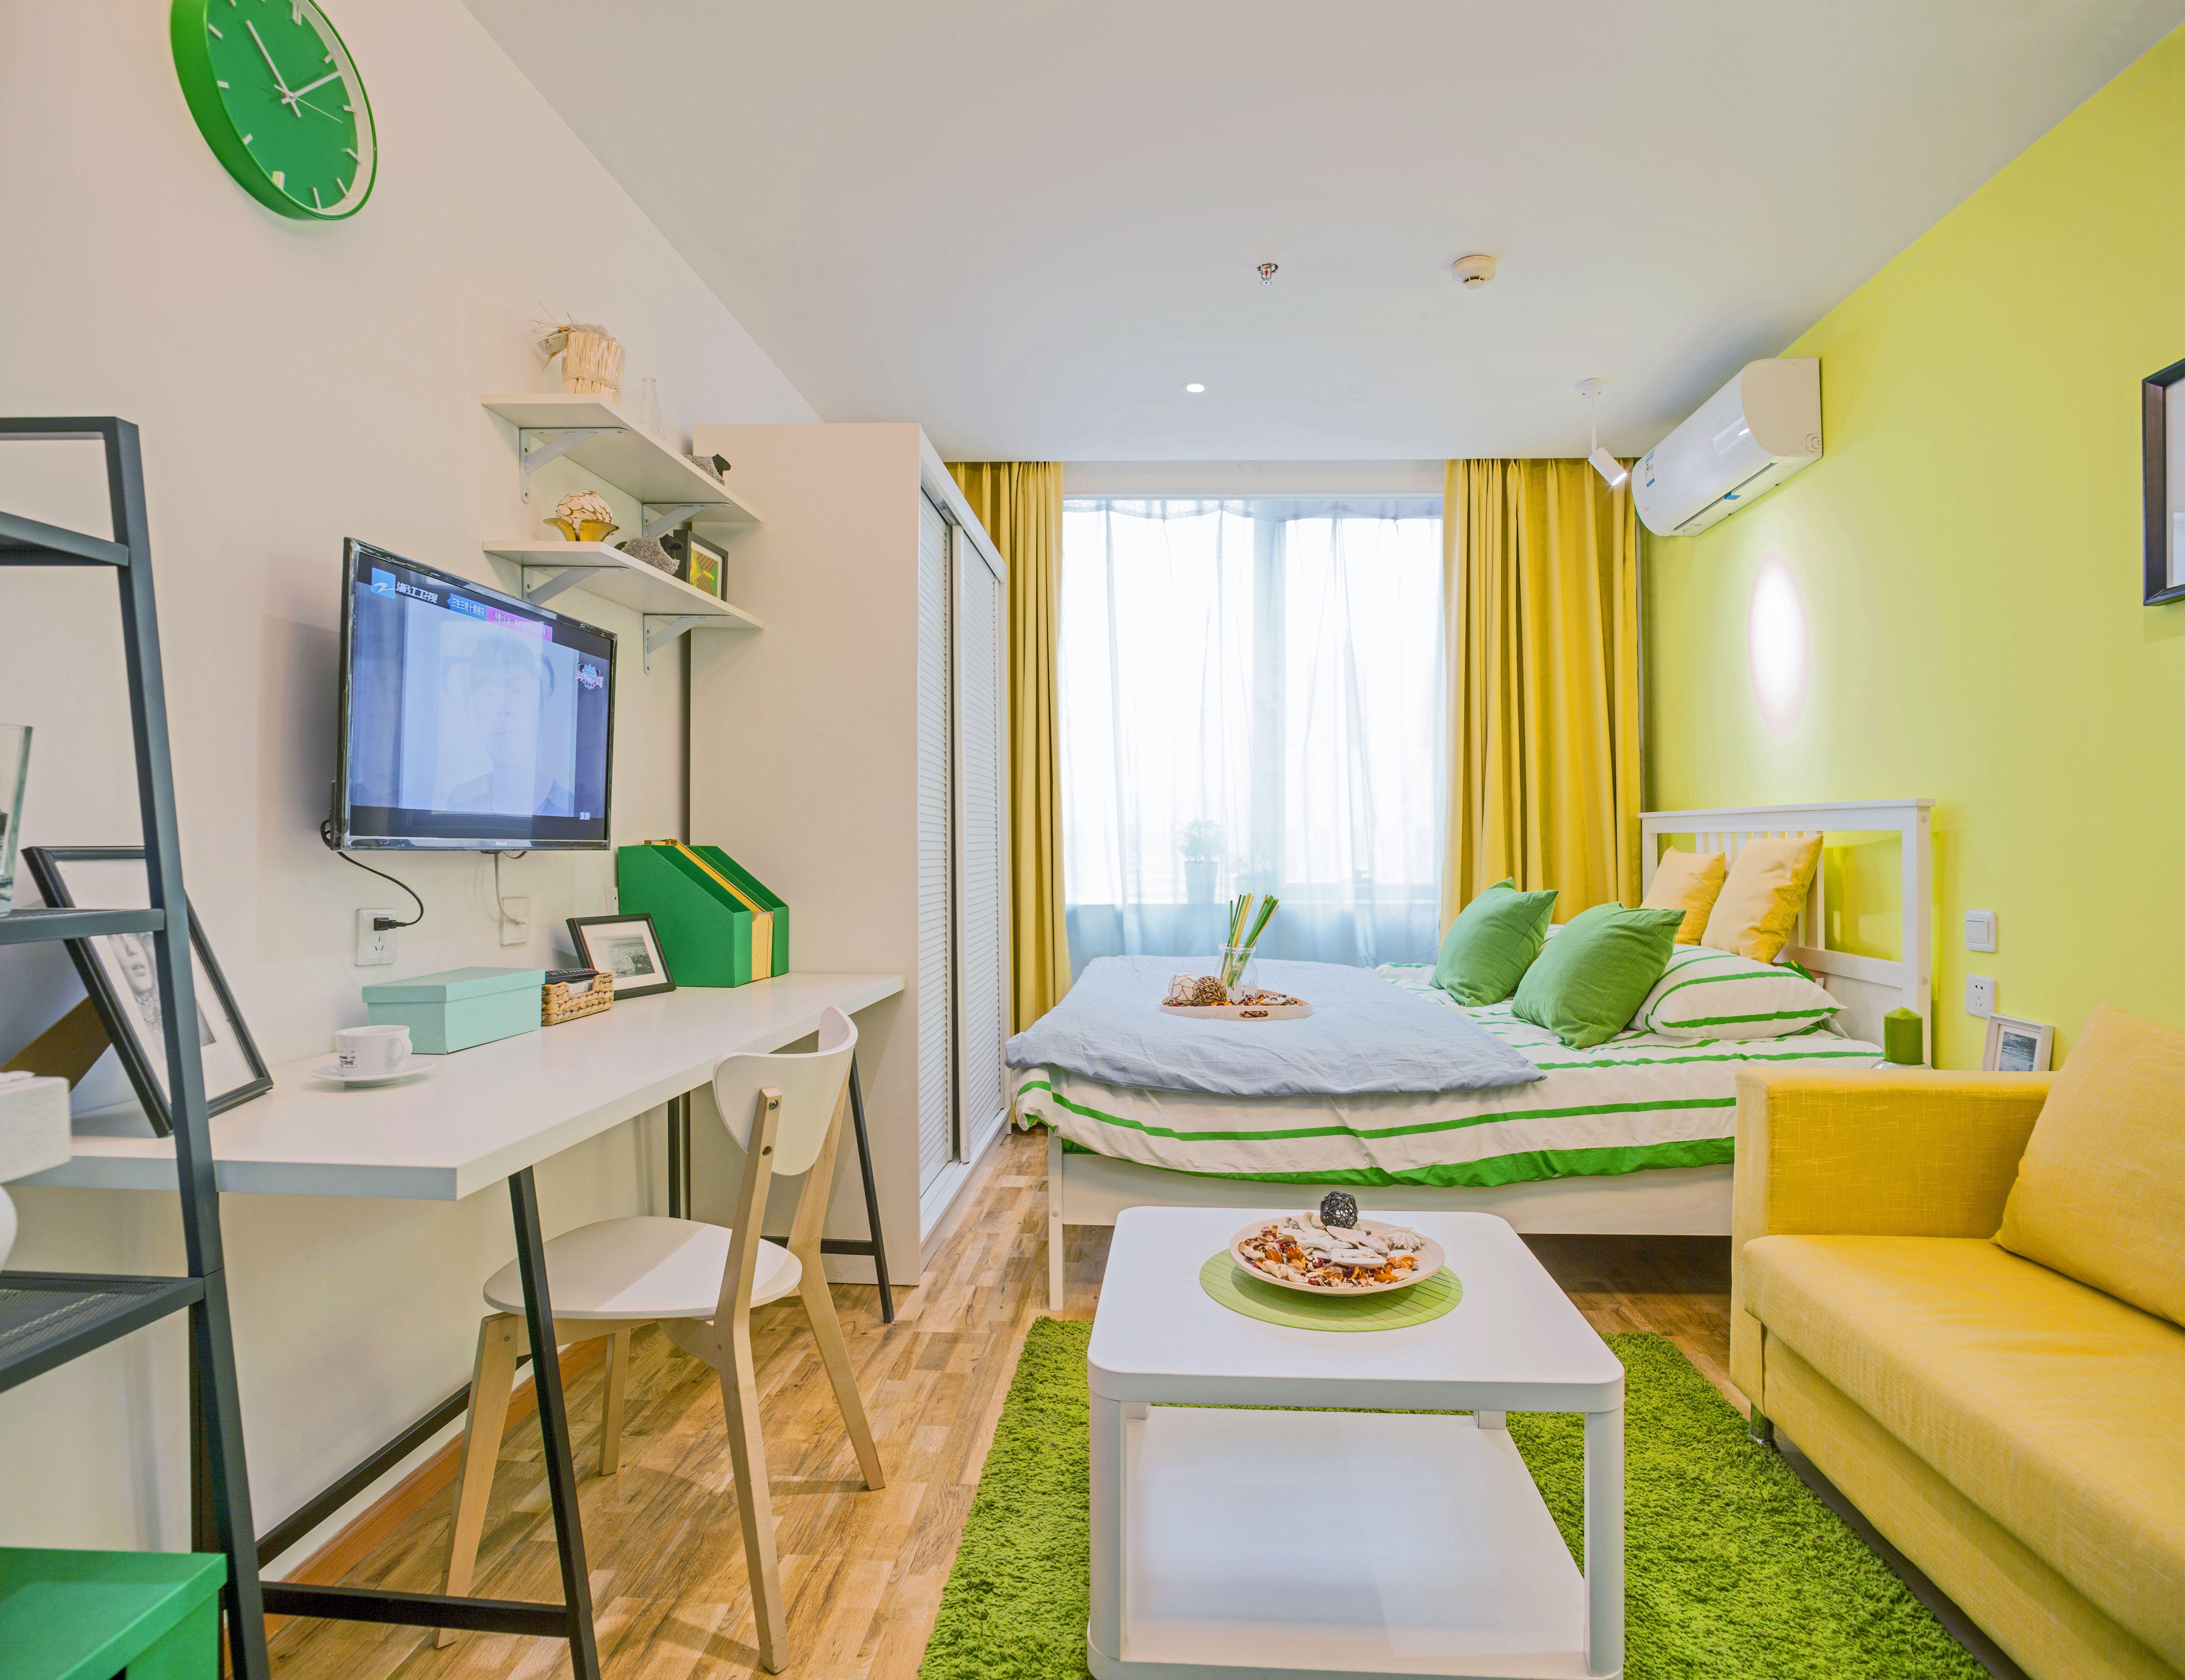 乐乎公寓又称乐乎城市青年社区, 对租客霸王条